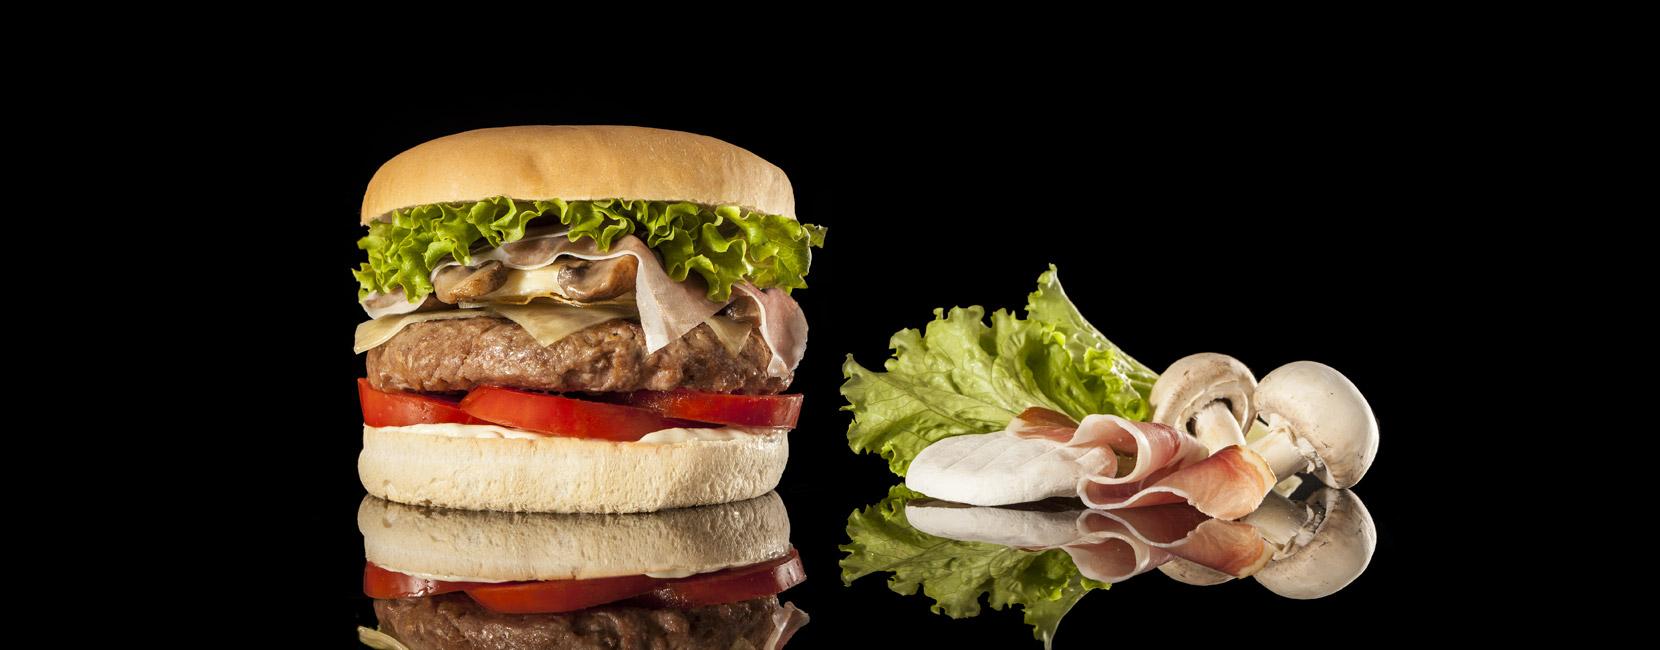 """Apre """"12 Morsi"""", un nuovo locale dove gustare tutti i tipi di hamburger"""